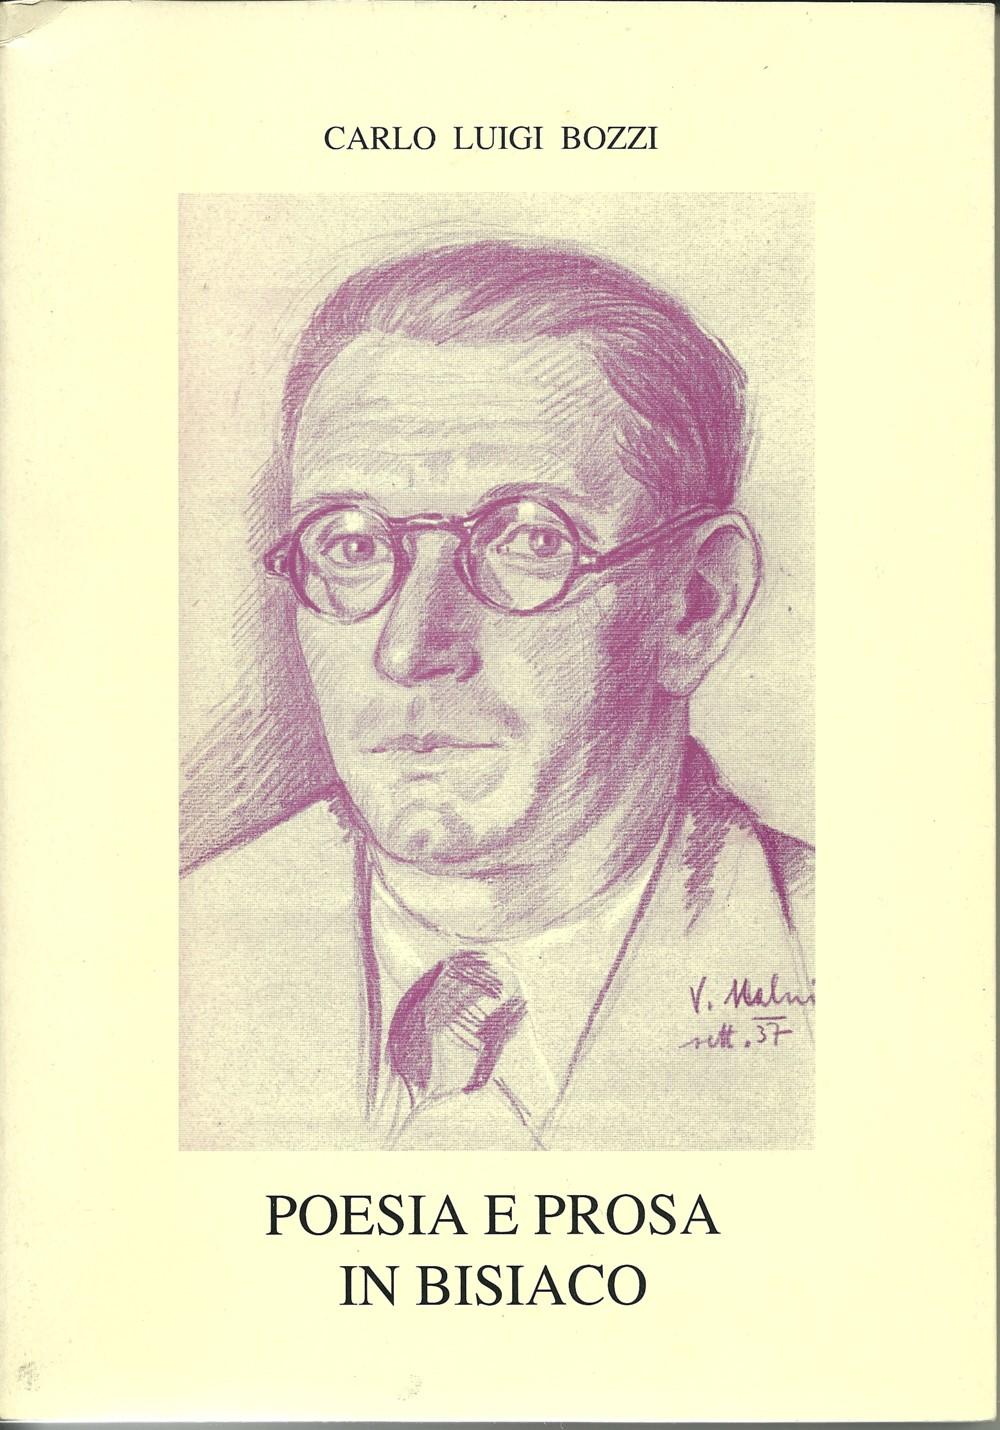 Poesia e prosa in bisiaco